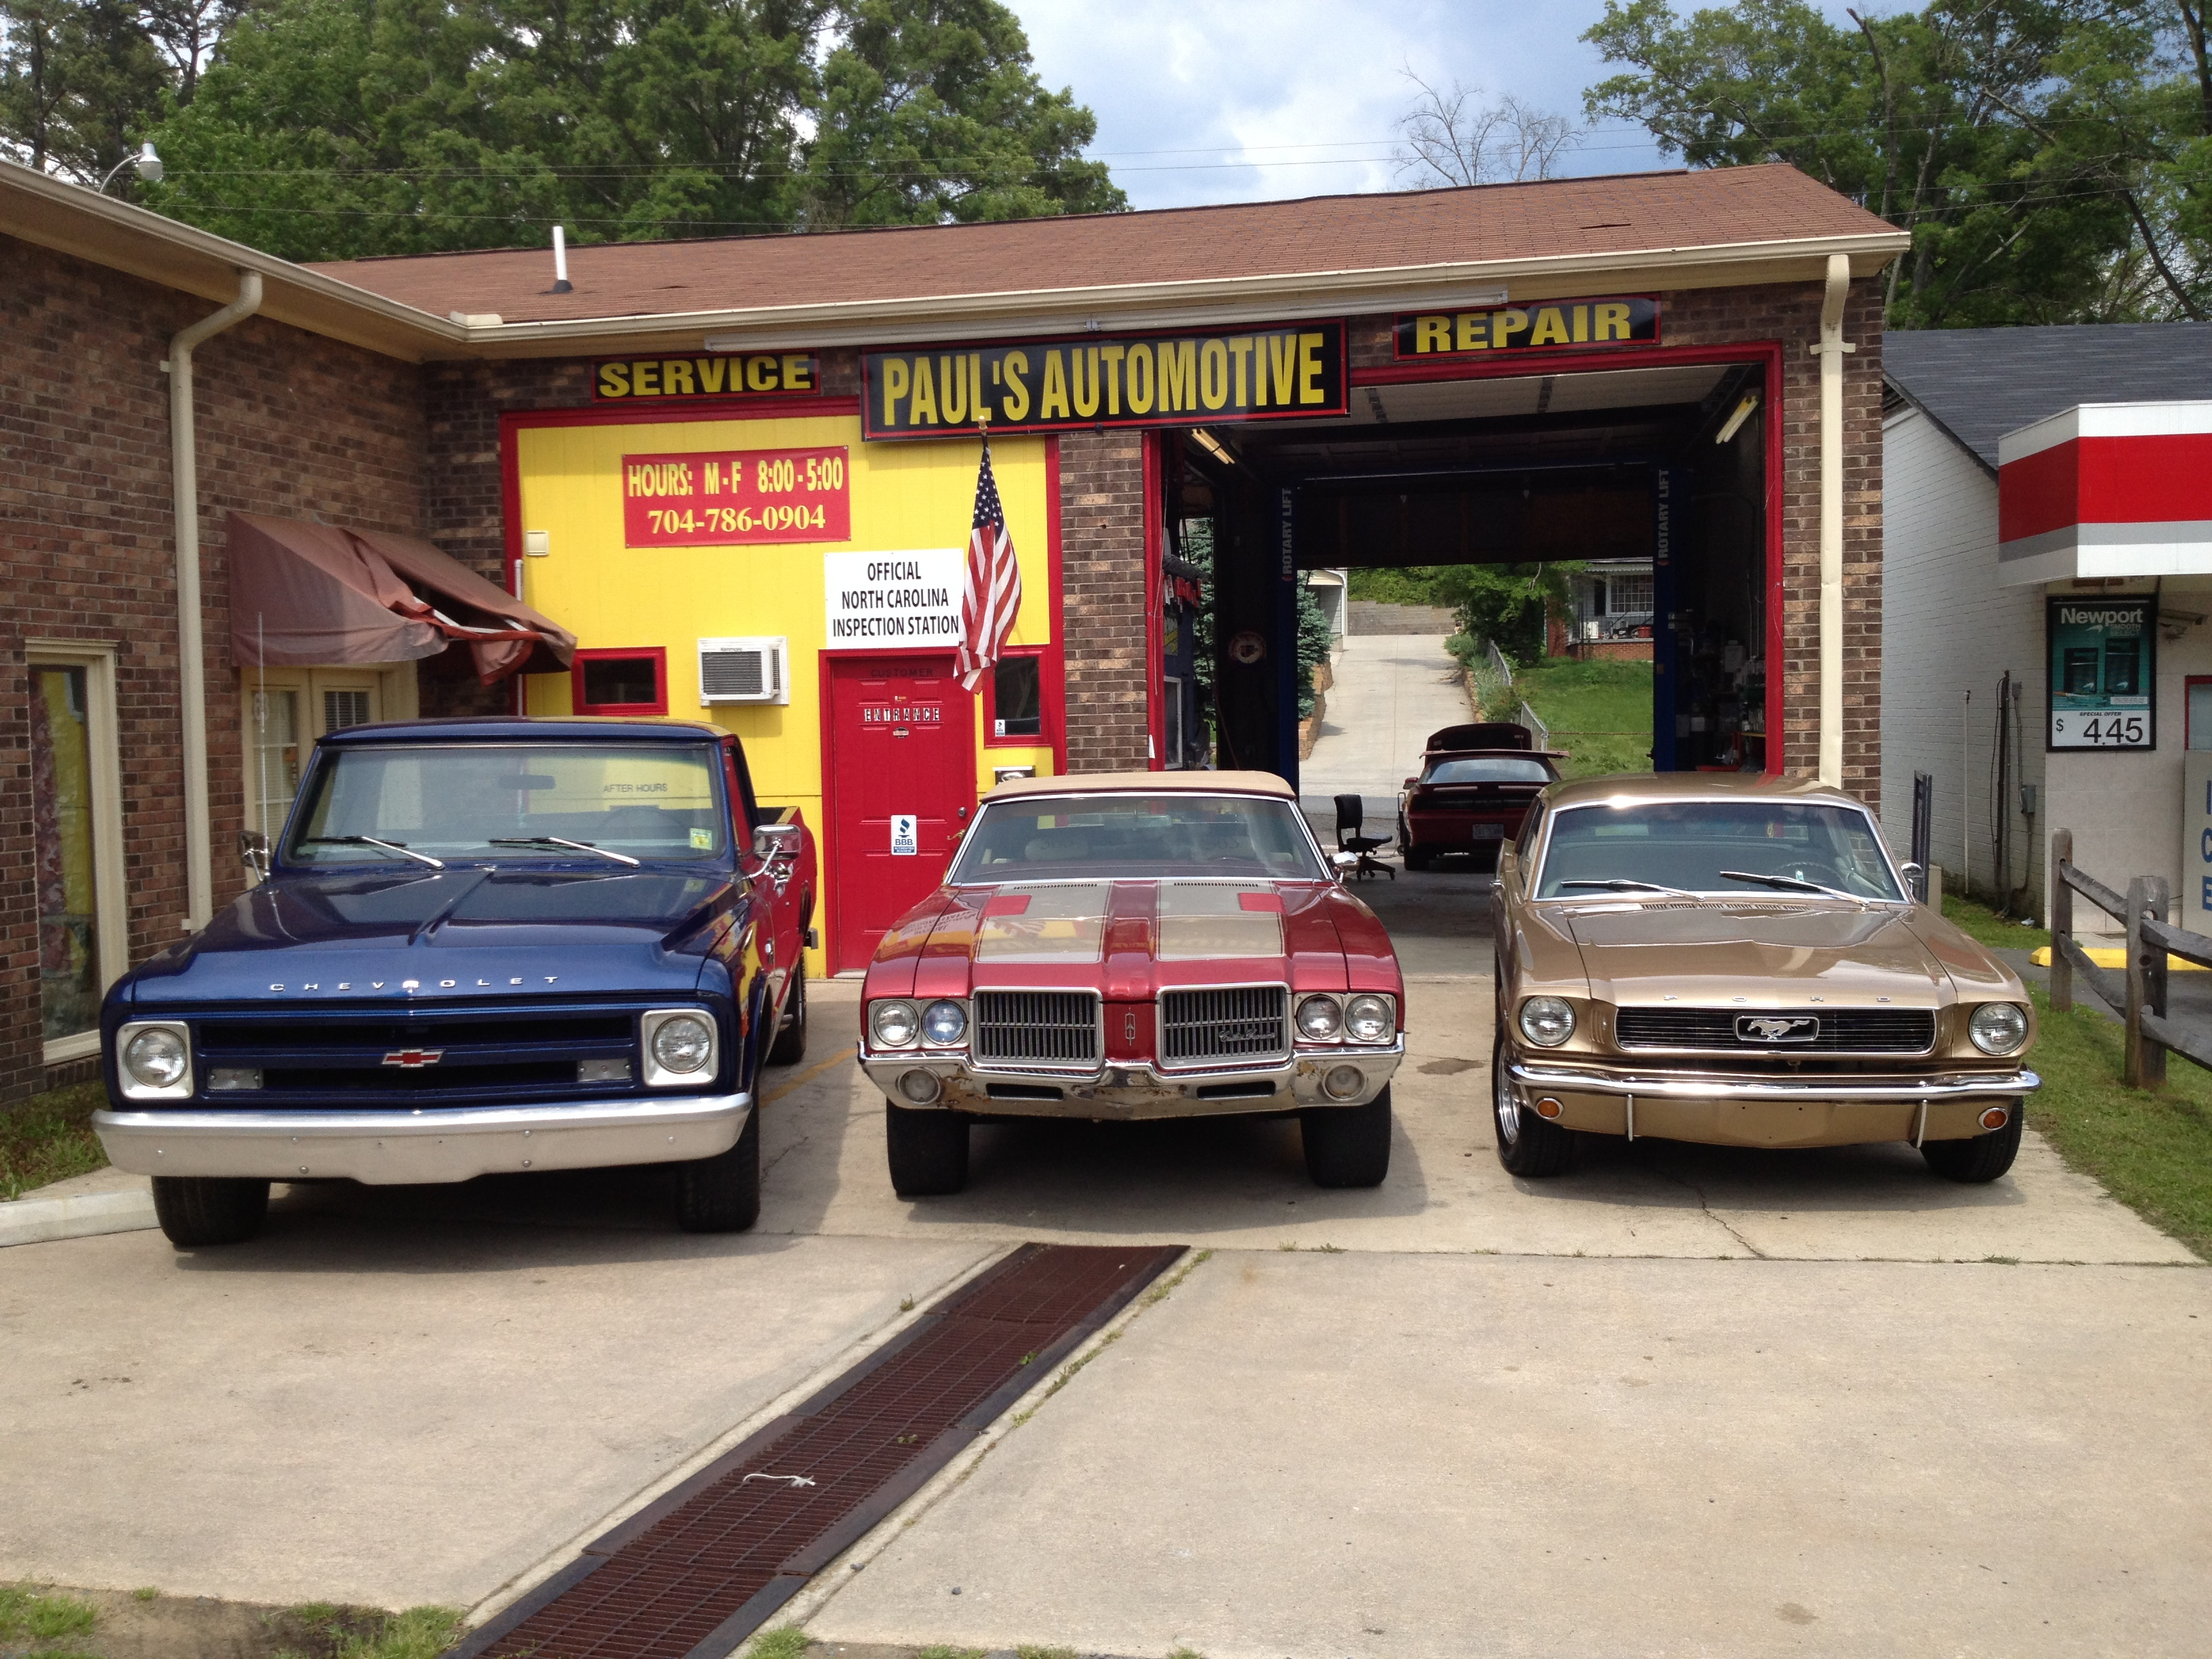 Paul's Automotive Service & Repair image 2